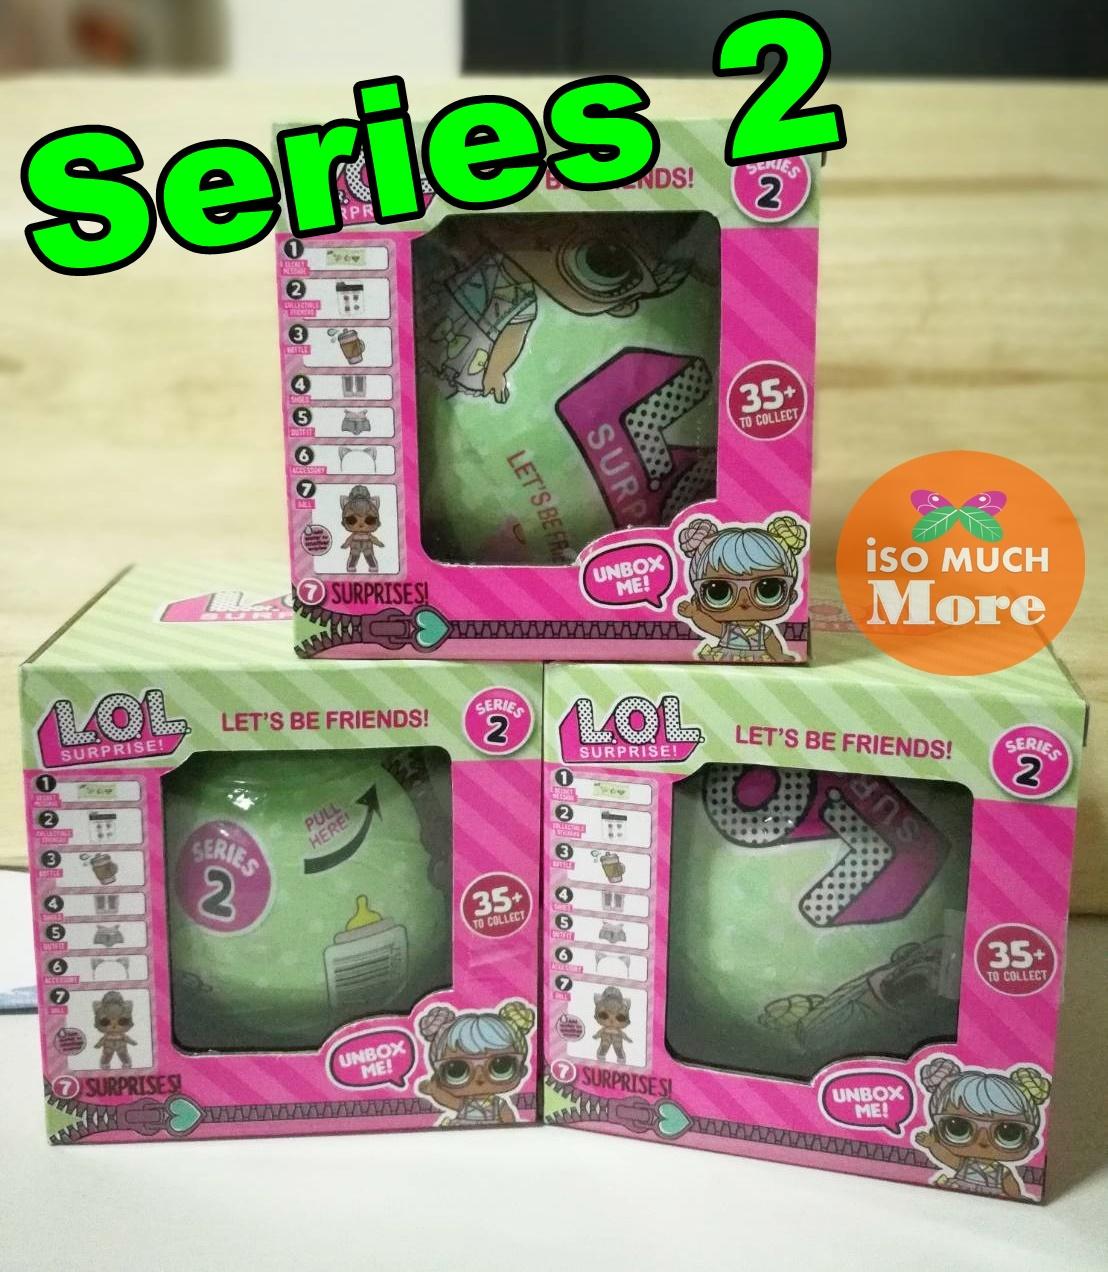 ไข่LOL ตุ๊กต่าของเล่น ดูดนม ฉี่ ร้องไห้ พ่นน้ำ เปลี่ยนสี ได้ LOL Surprise Egg Series 2 ลูกใหญ่ 10 ซม แพ็คเดี่ยว